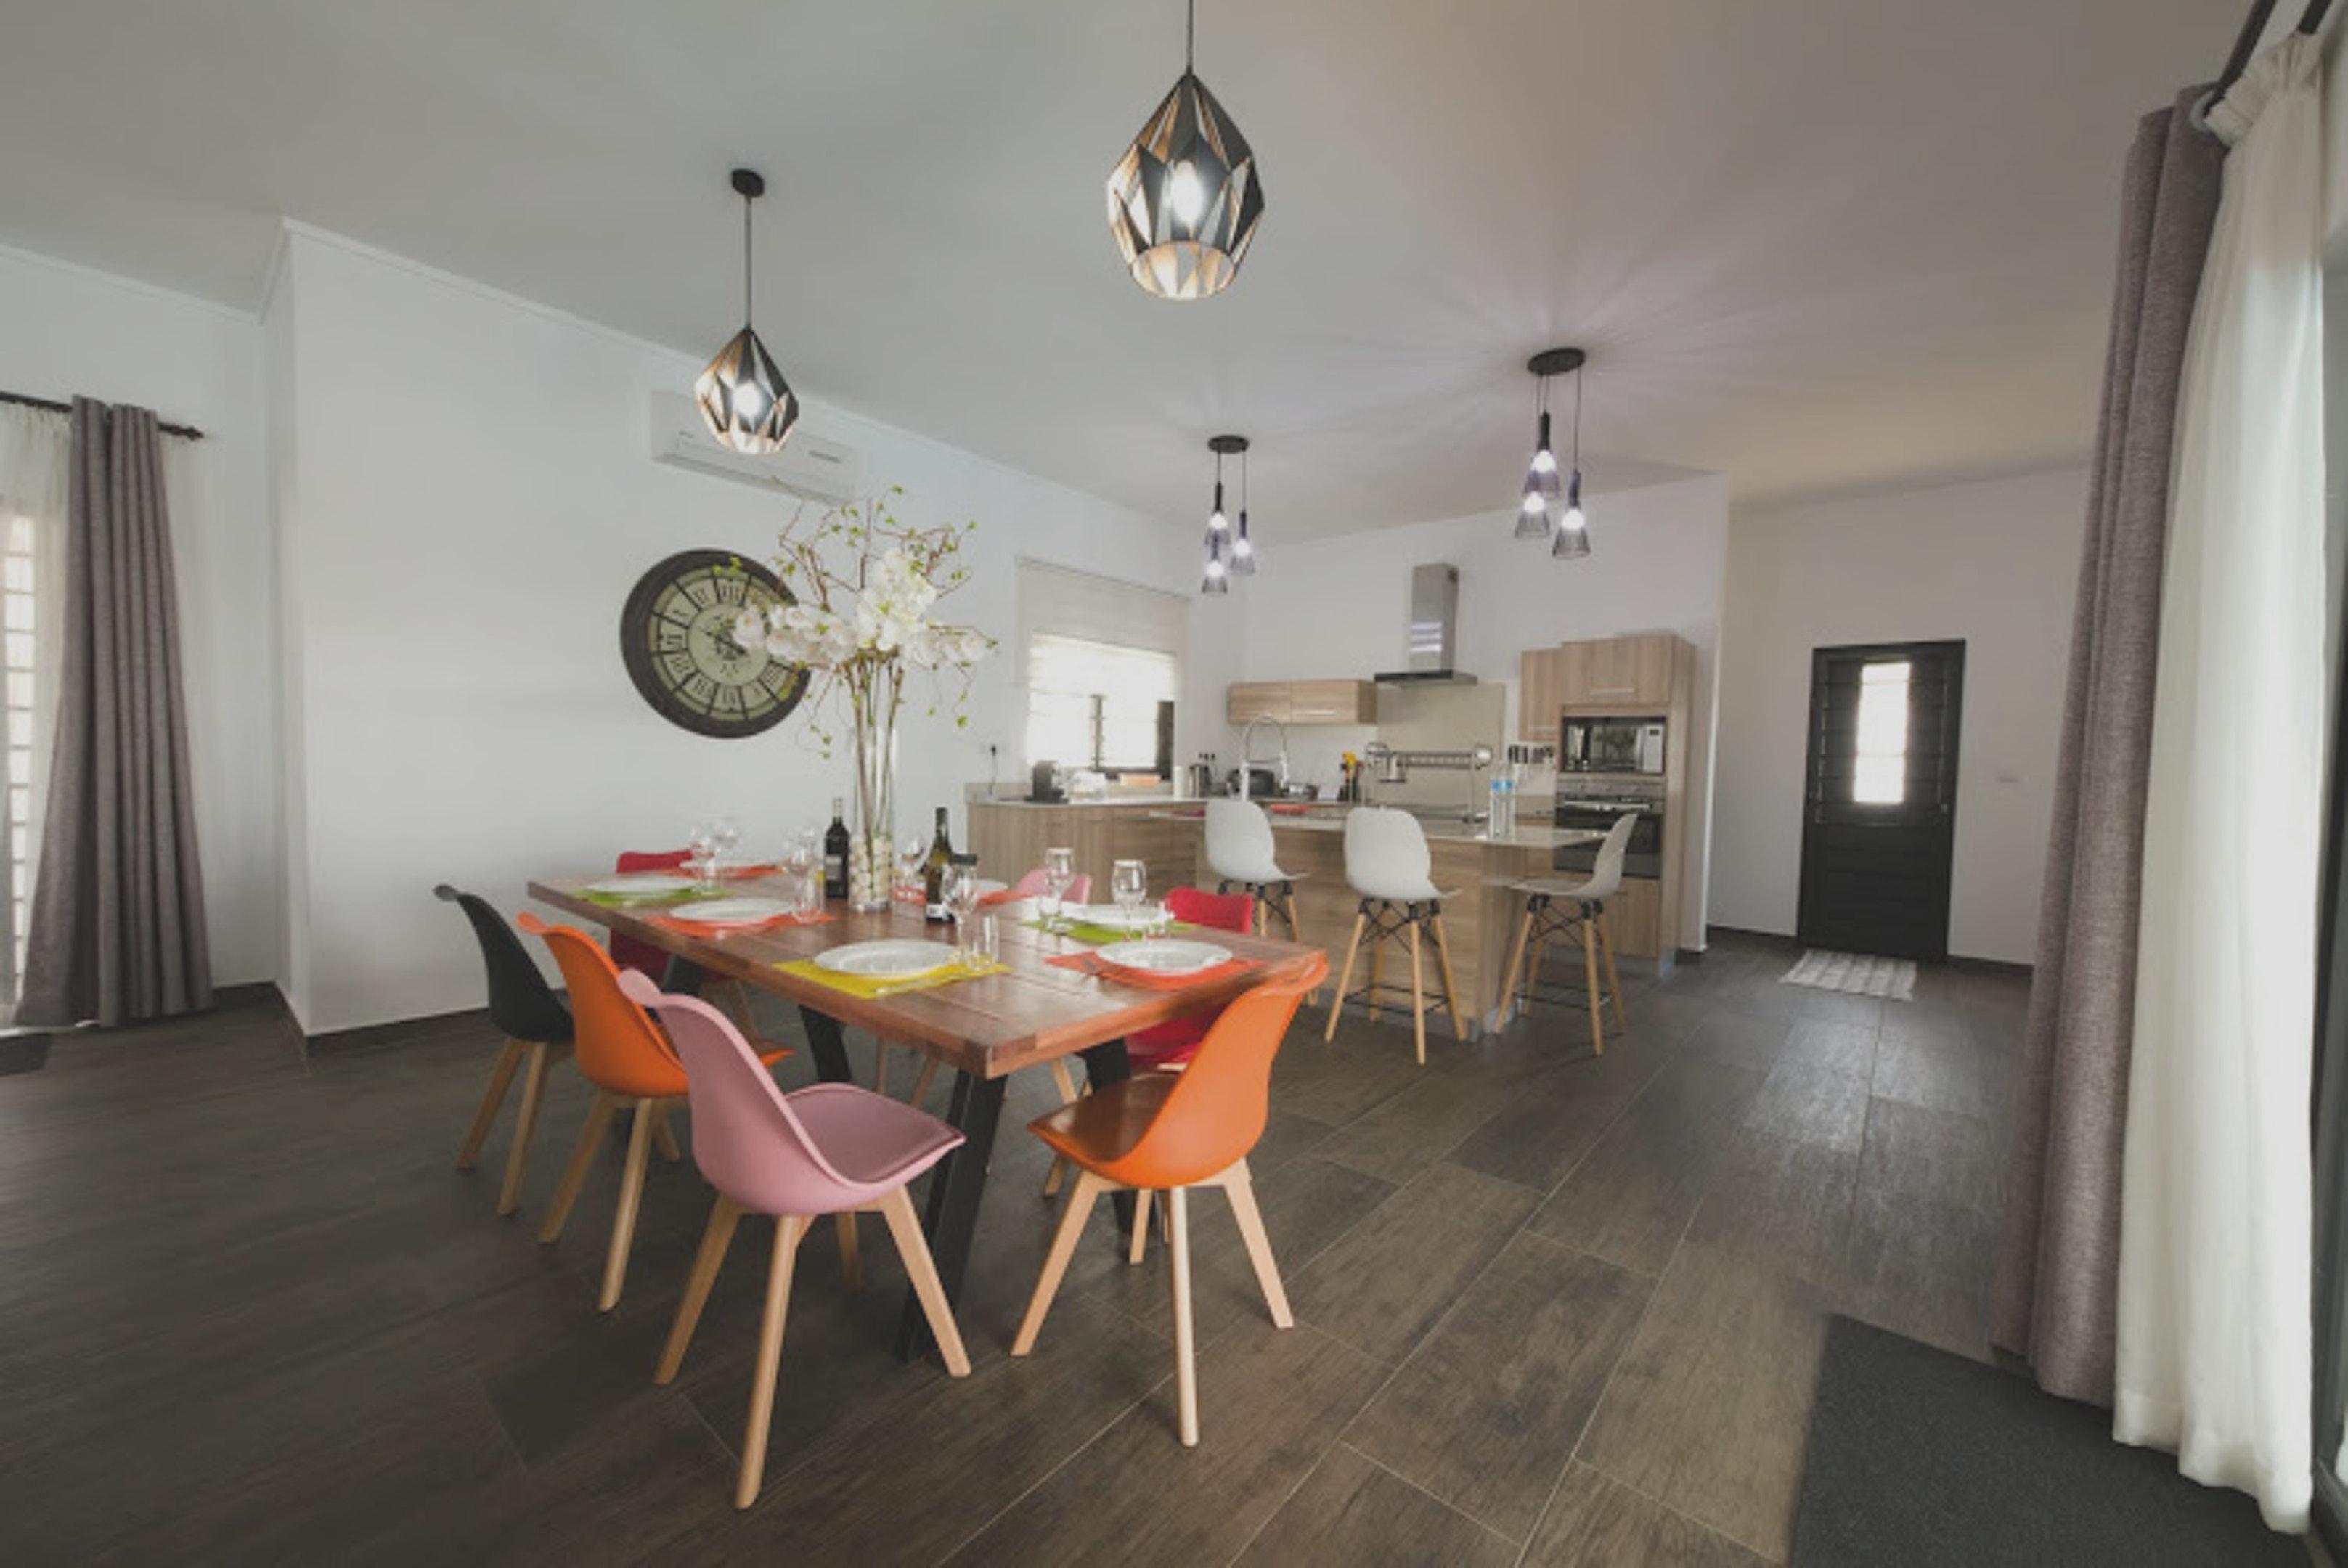 Villa mit 4 Schlafzimmern in Pointe aux Sables, Po Villa in Afrika